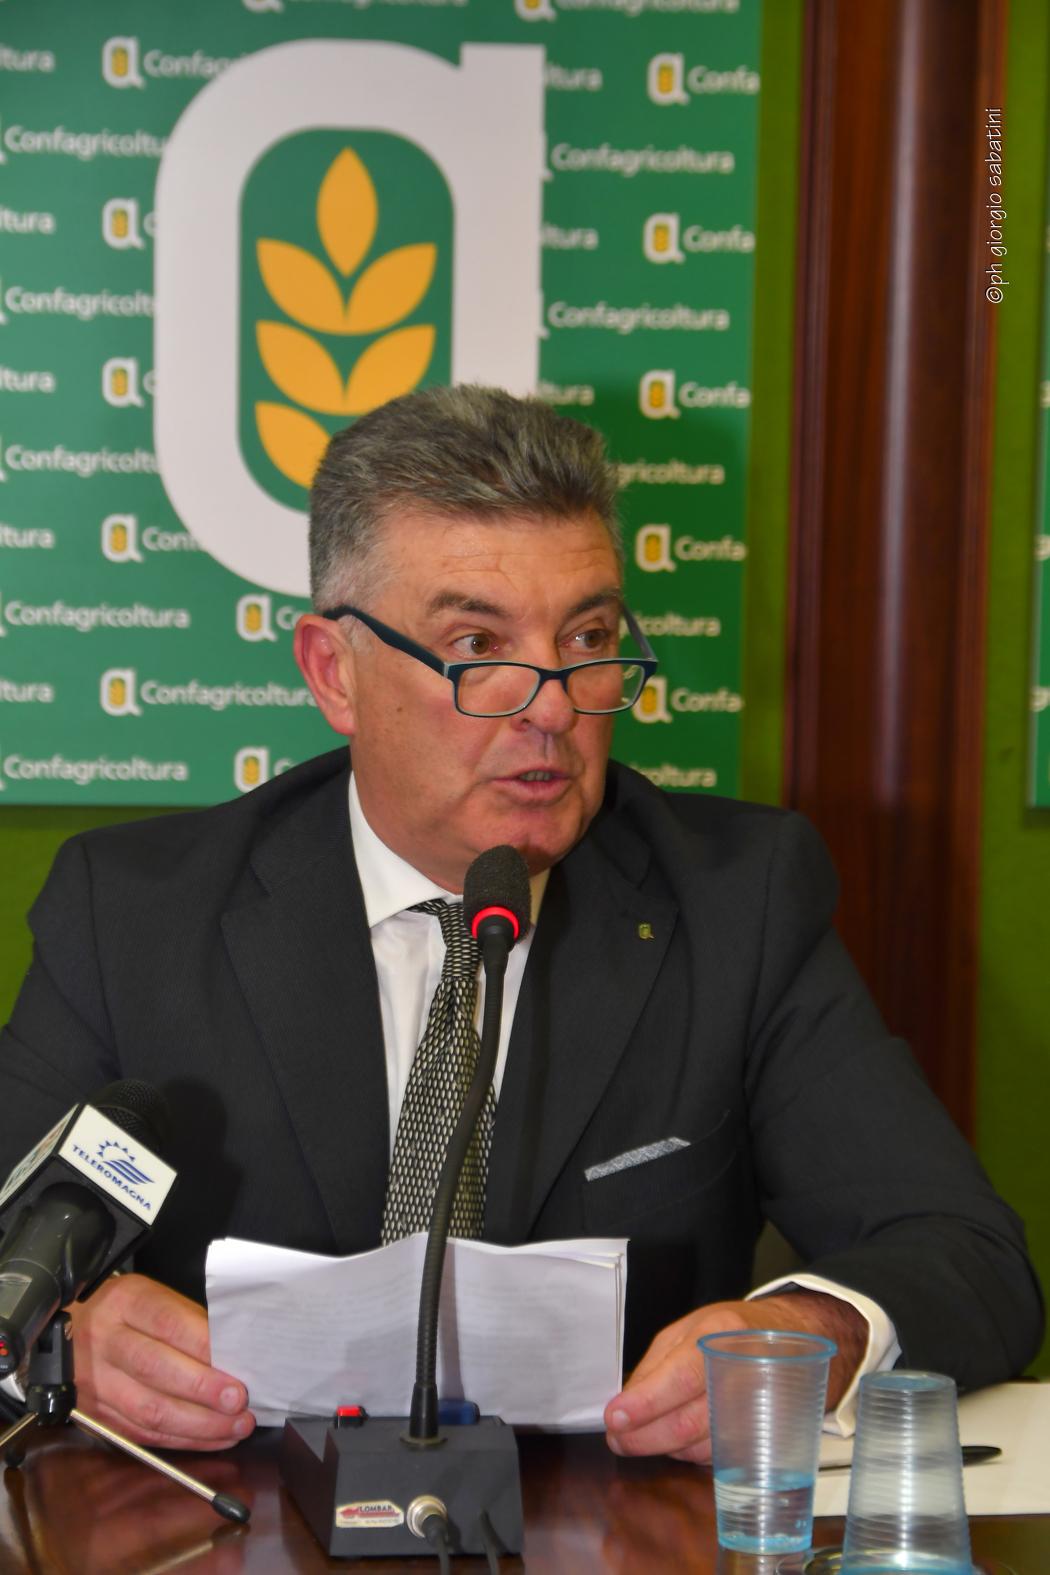 Carlo Carli